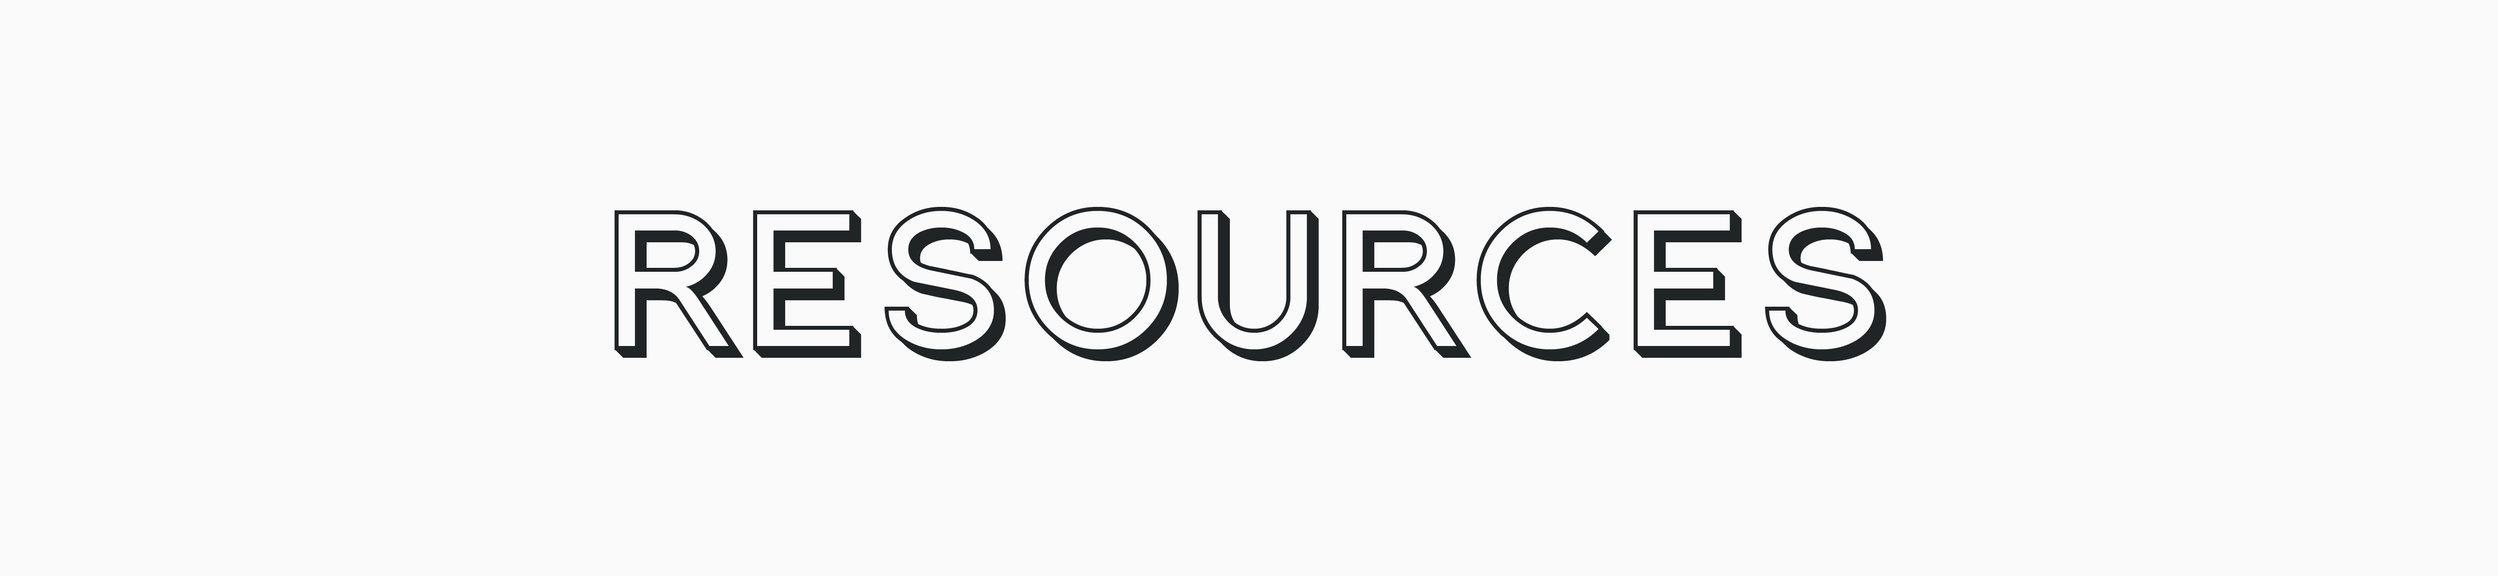 resources-18.jpg